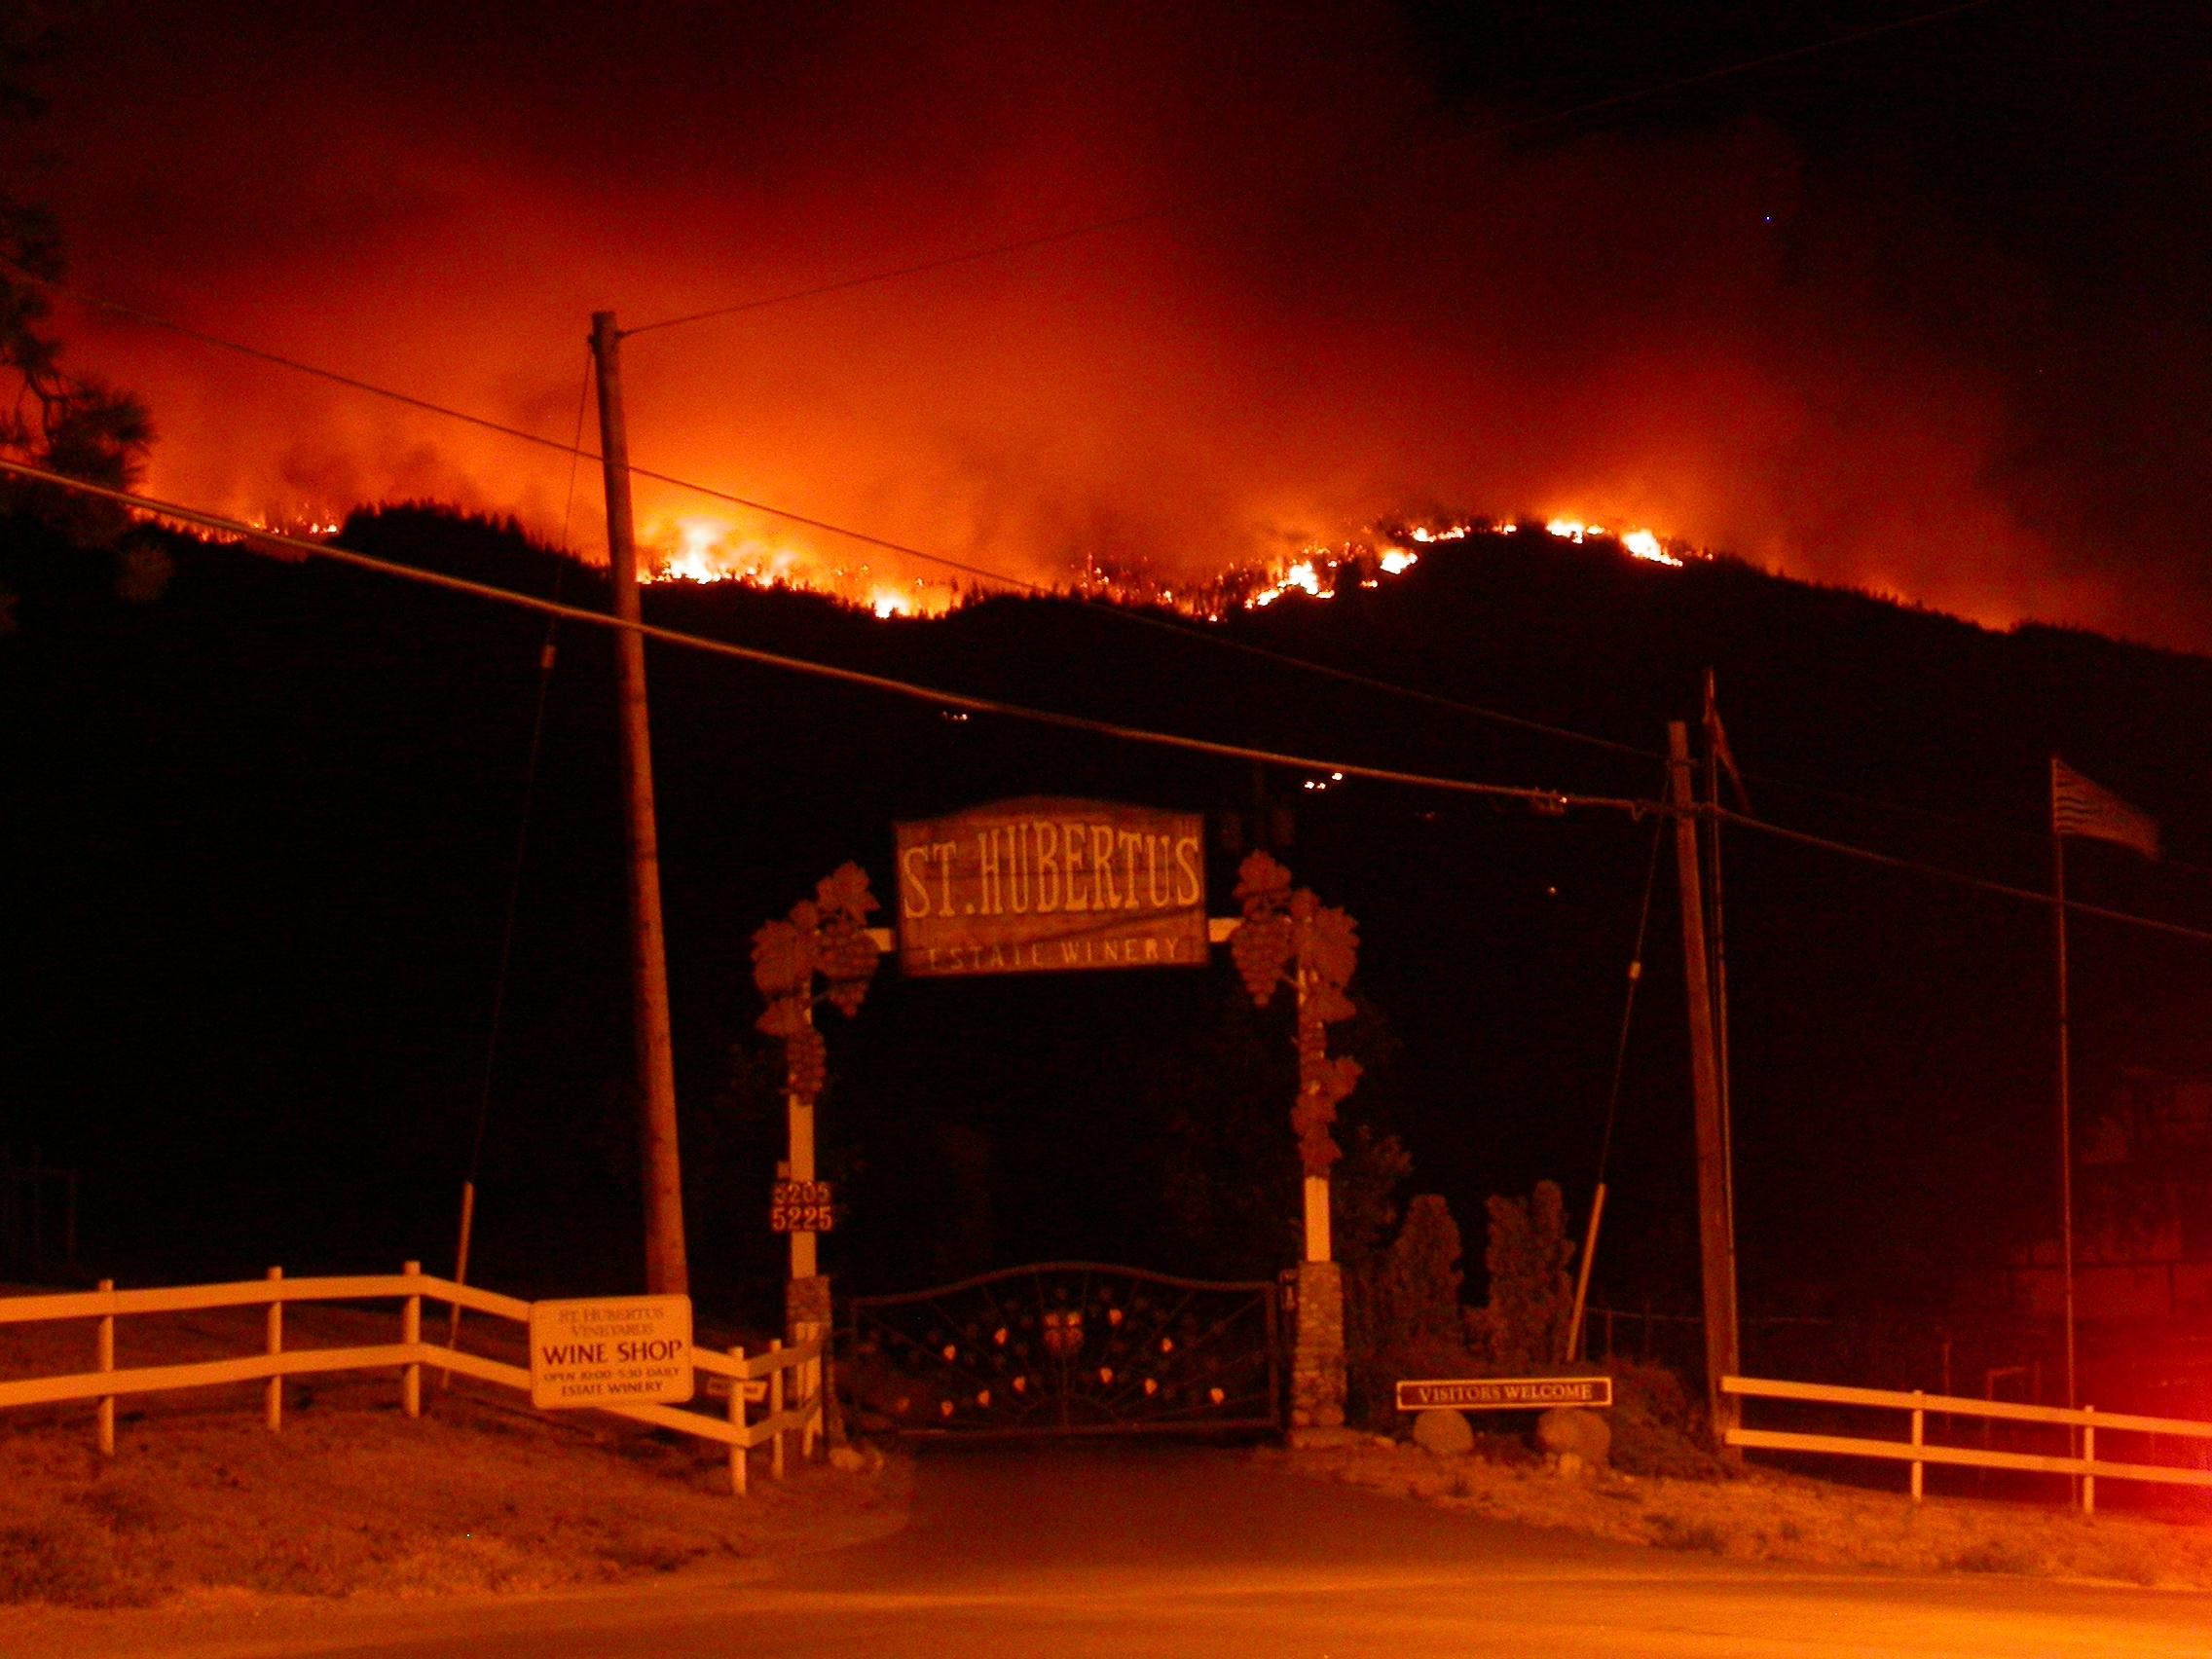 https://0901.nccdn.net/4_2/000/000/05a/a3f/2003-Wild-Fire.jpg